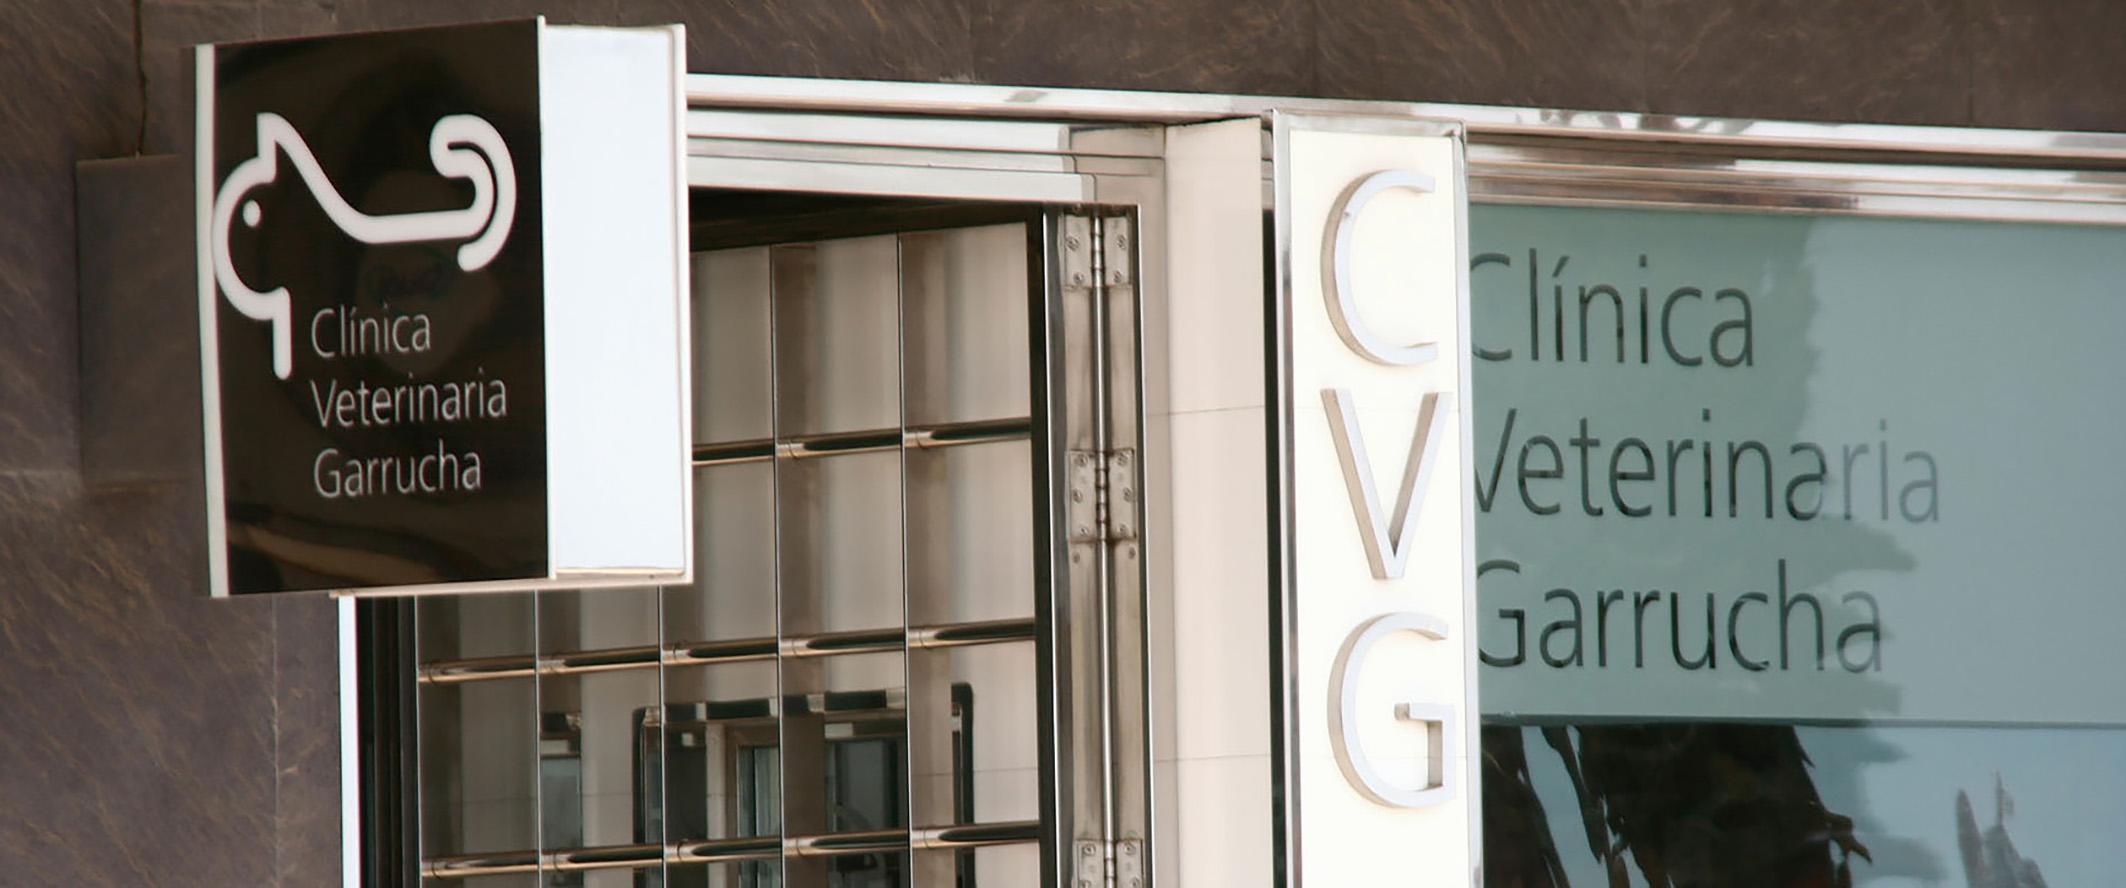 Clinica CVG